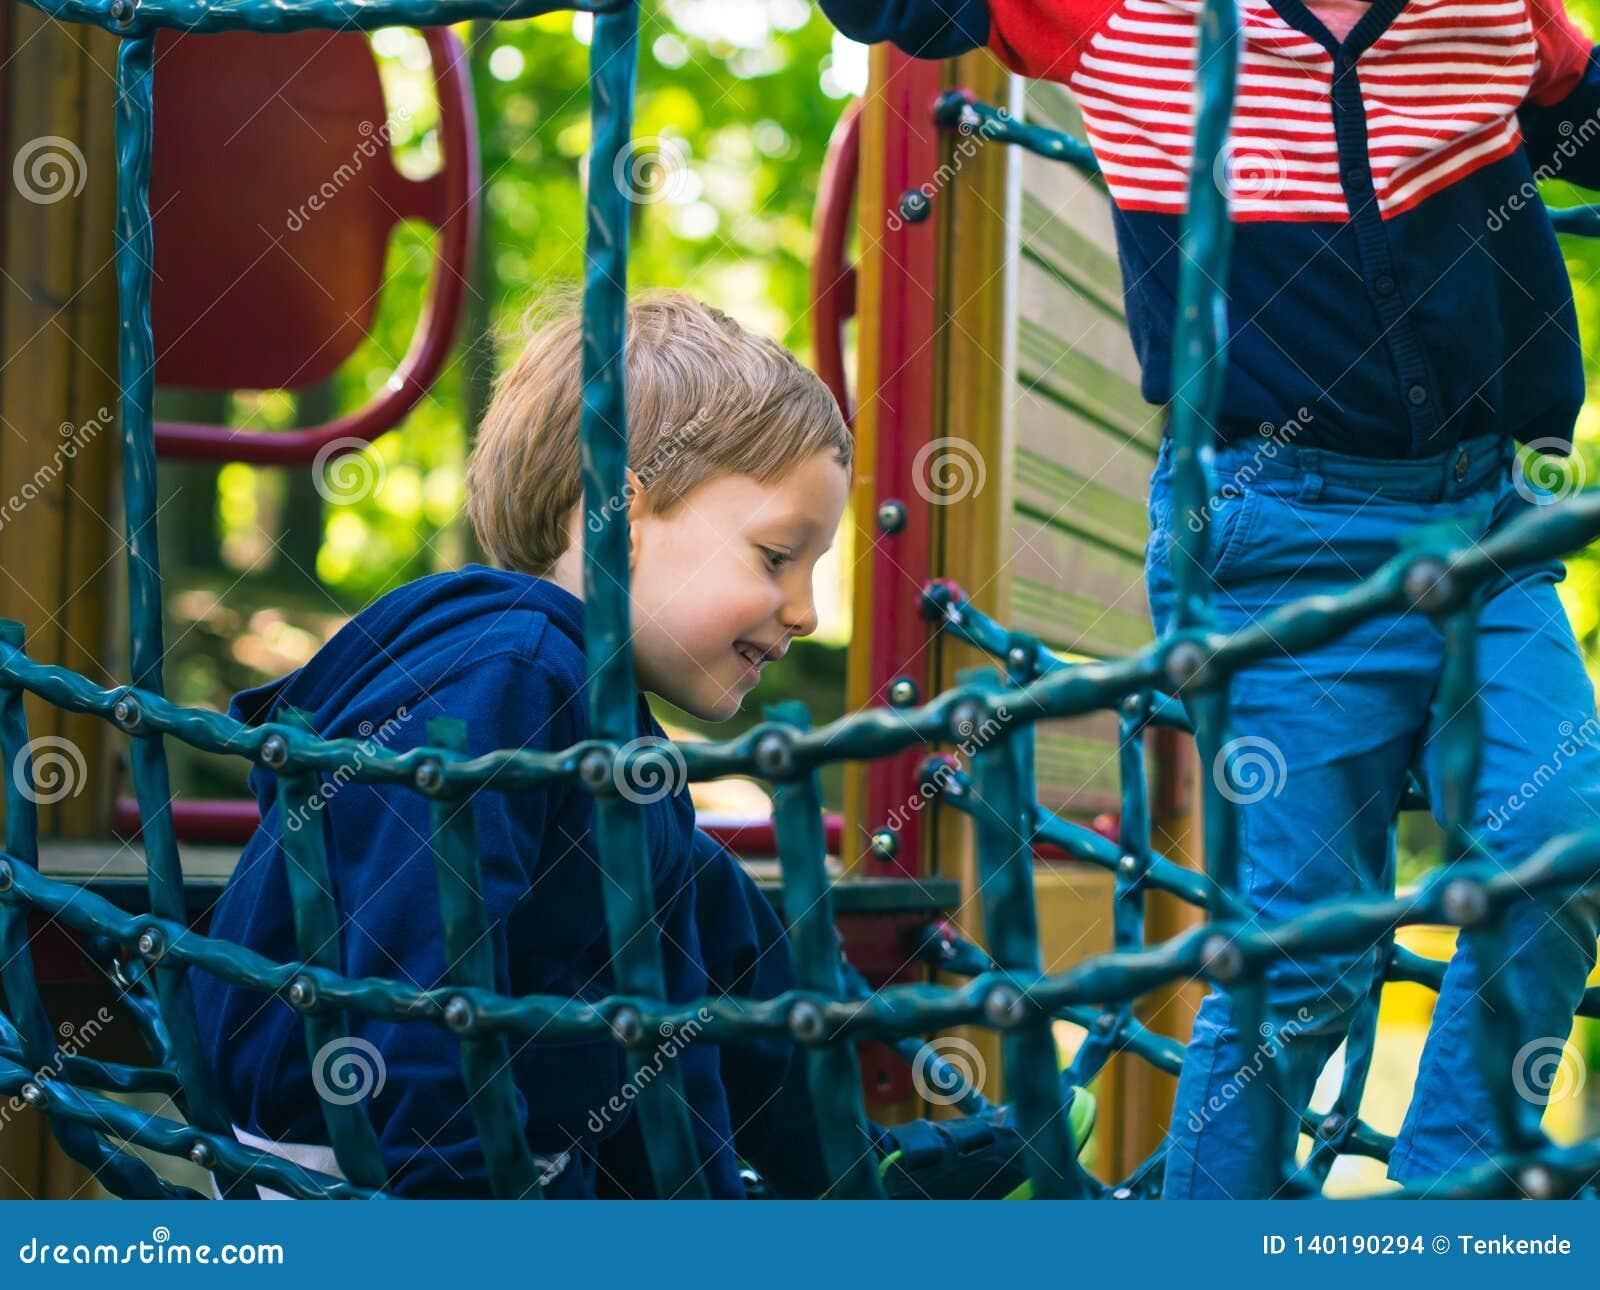 Παιχνίδι μικρών παιδιών σε μια παιδική χαρά _